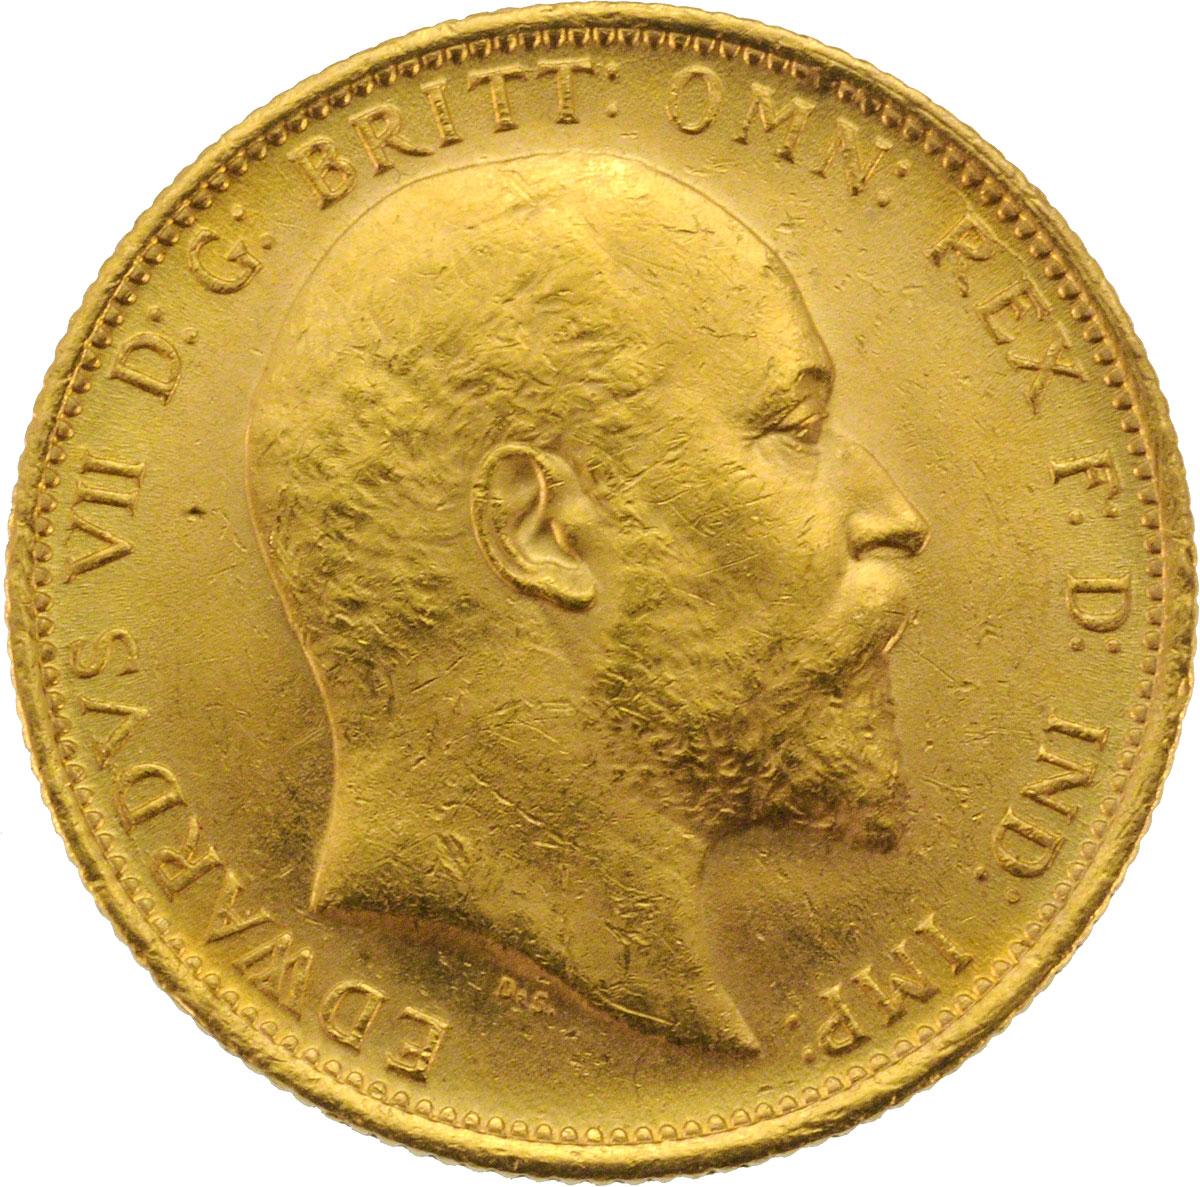 1907 Εδουάρδος Ζ' (Νομισματοκοπείο Σίδνεϊ)